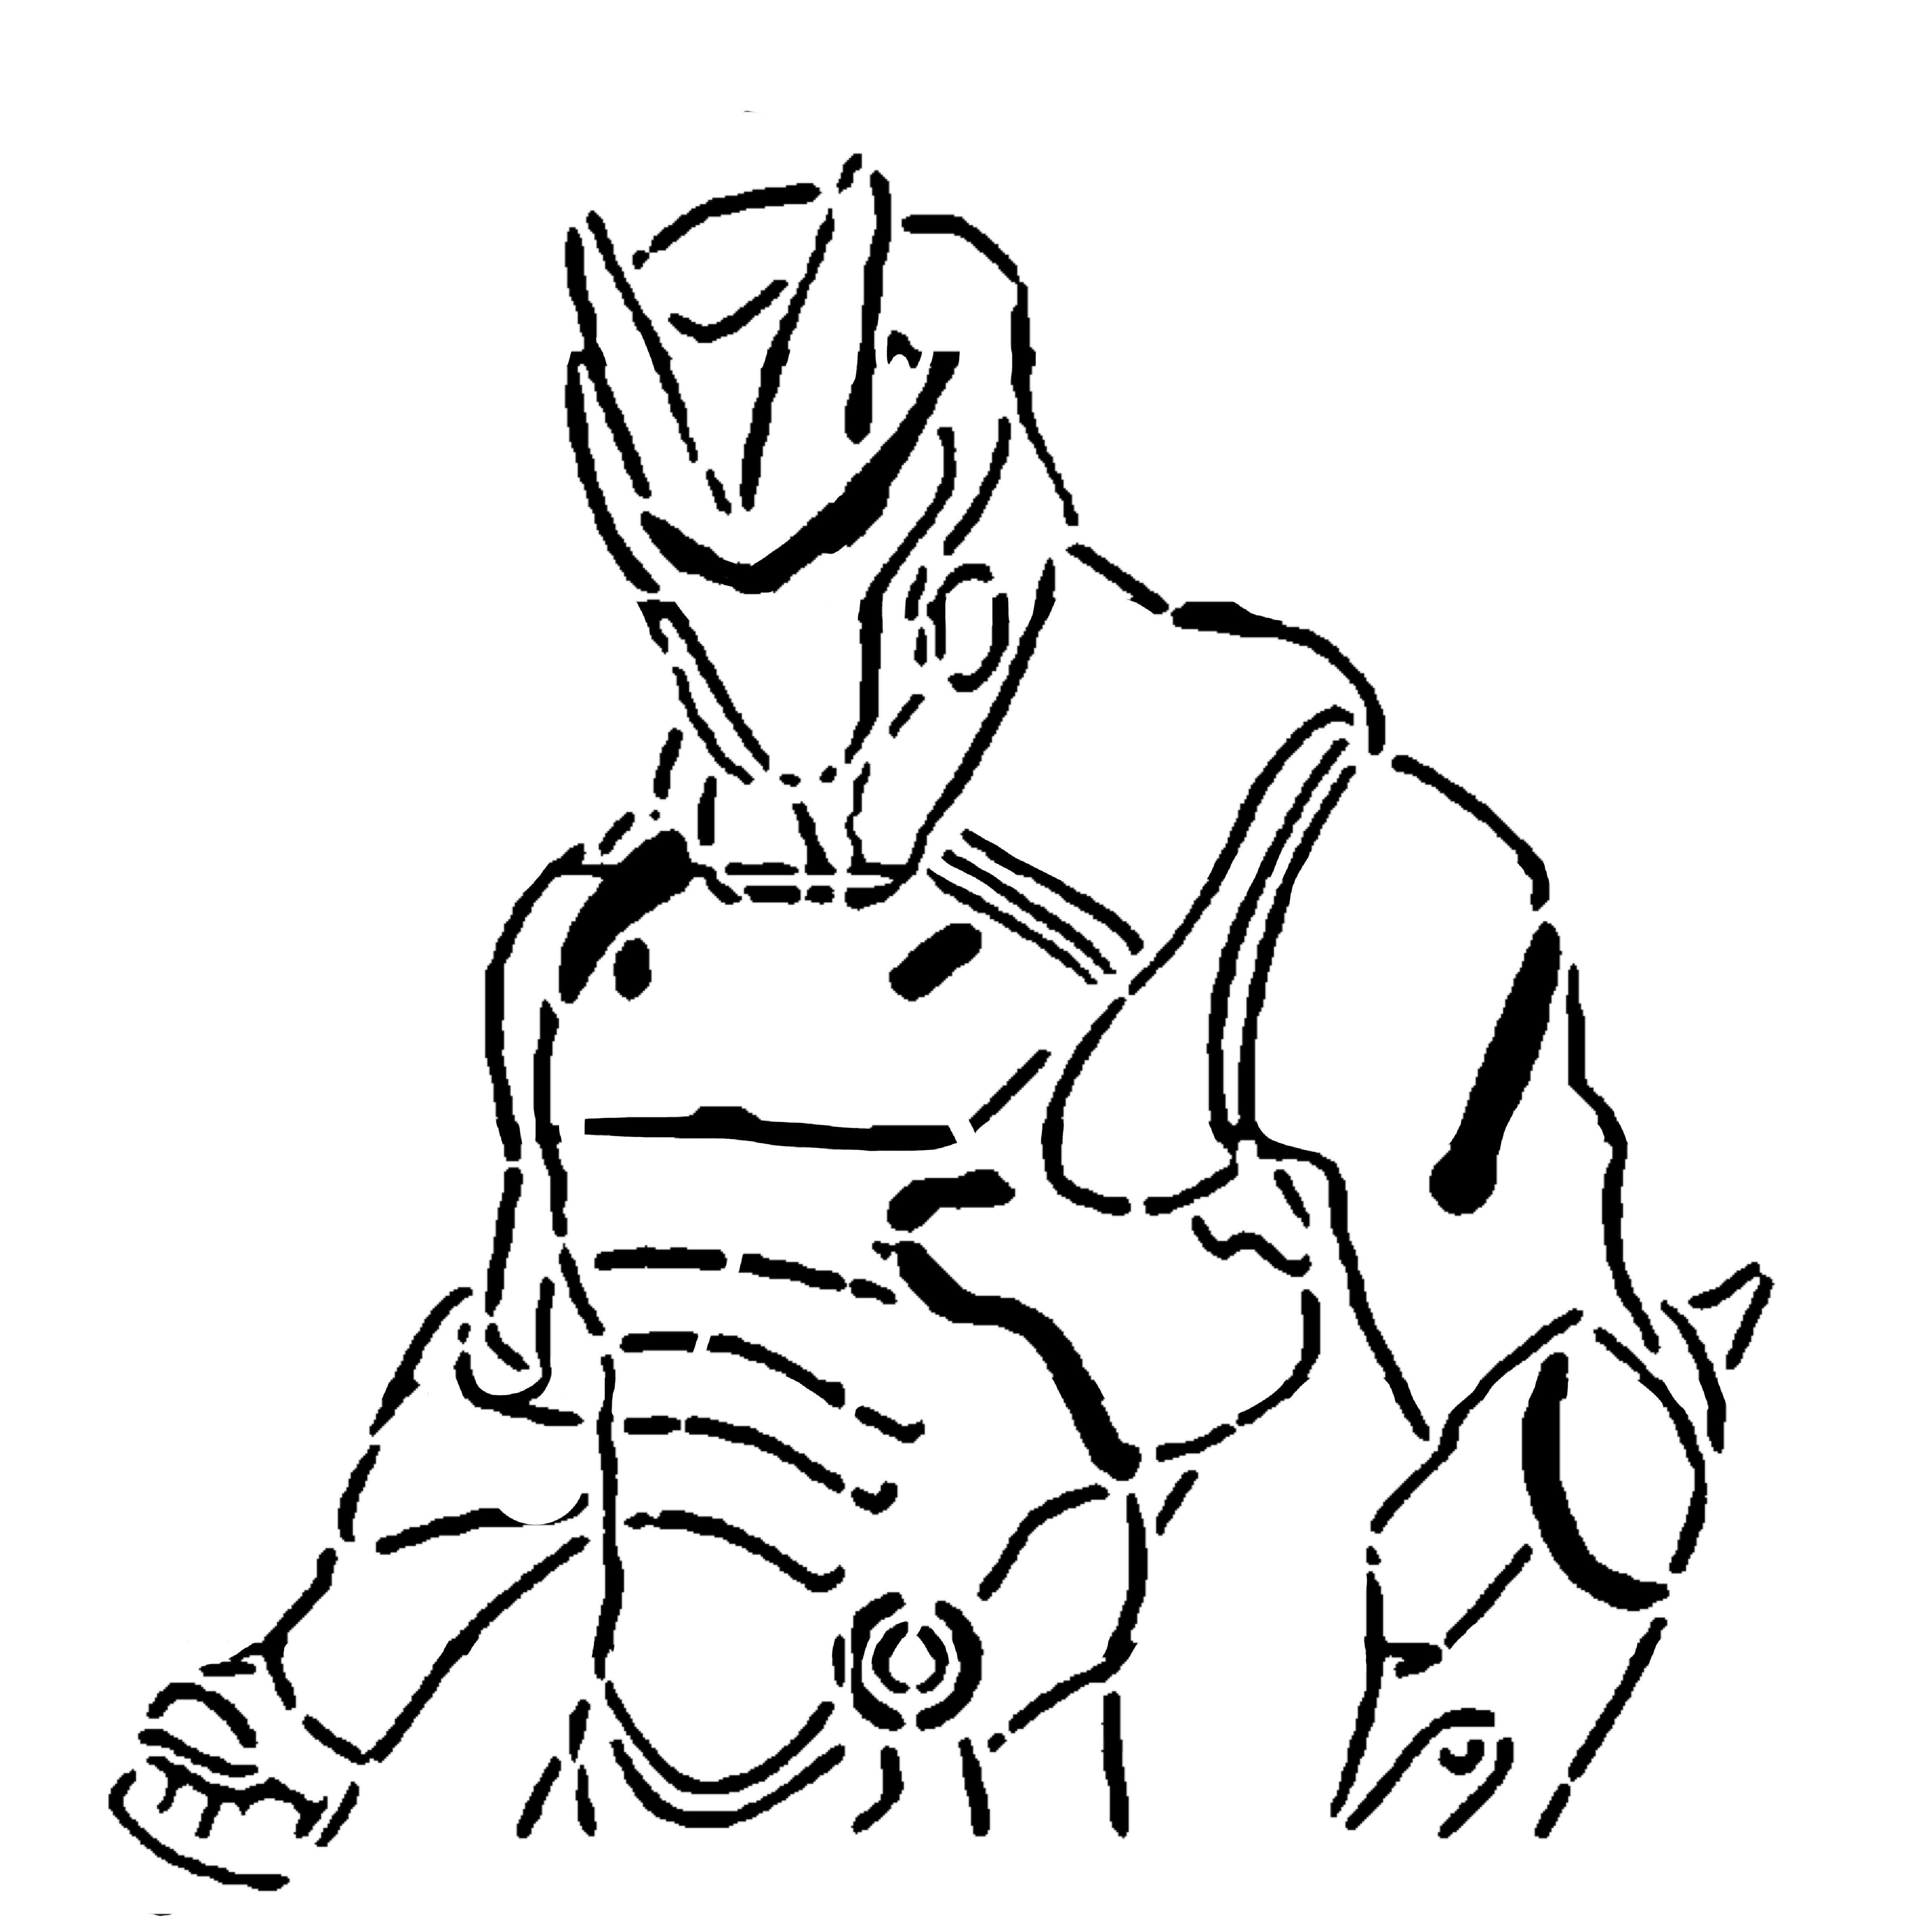 Omega Armor stencil